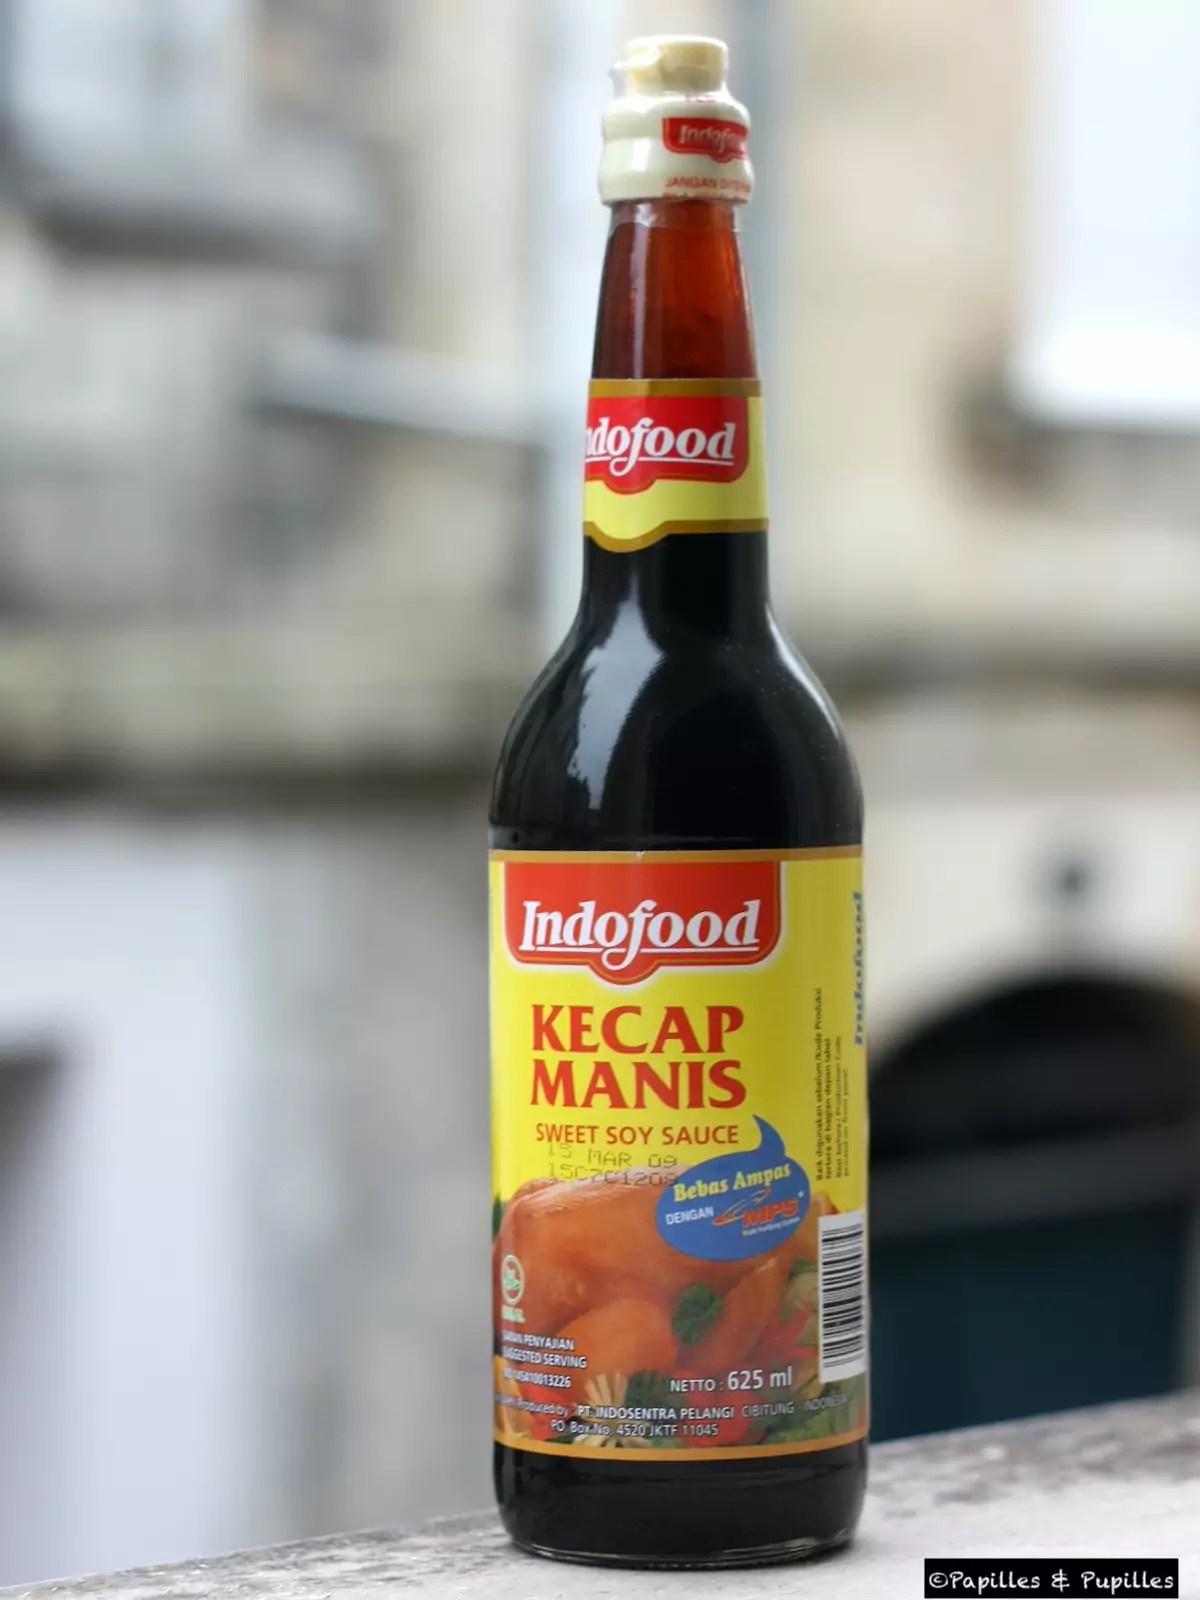 Par Quoi Remplacer La Sauce Soja : remplacer, sauce, Kecap, Manis, Sauce, Douce, (sucrée)